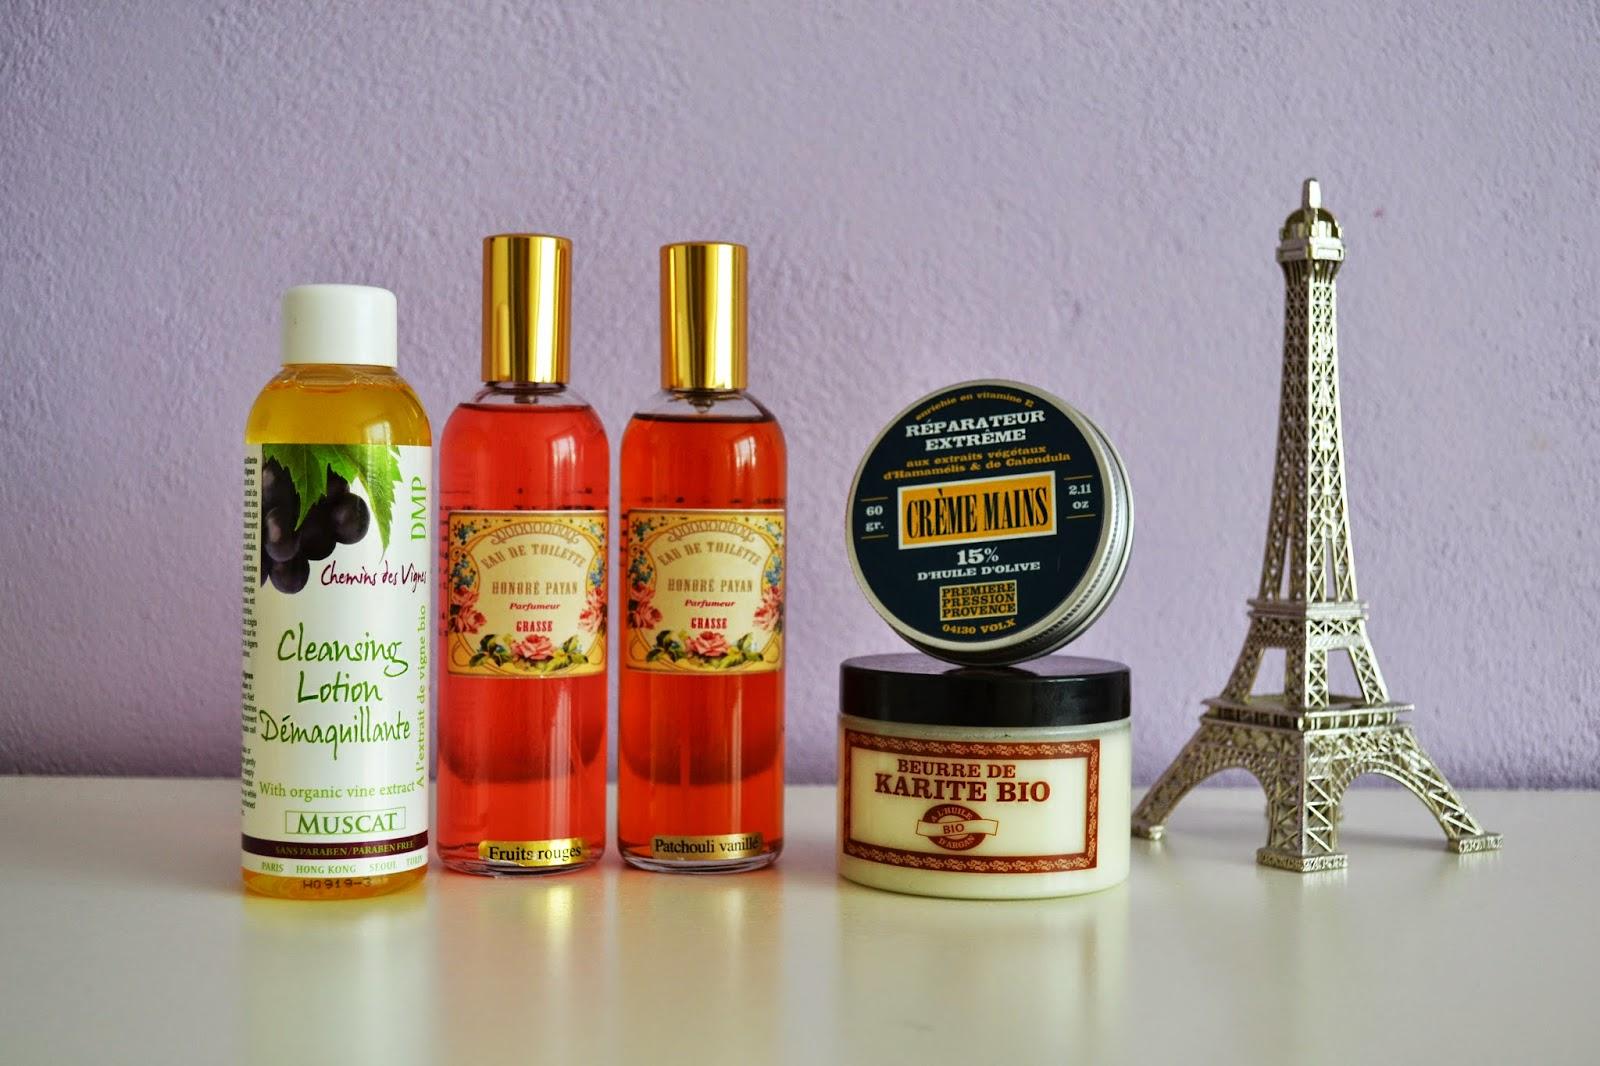 Что купит во франции из косметики натуральная косметика в туле где купить